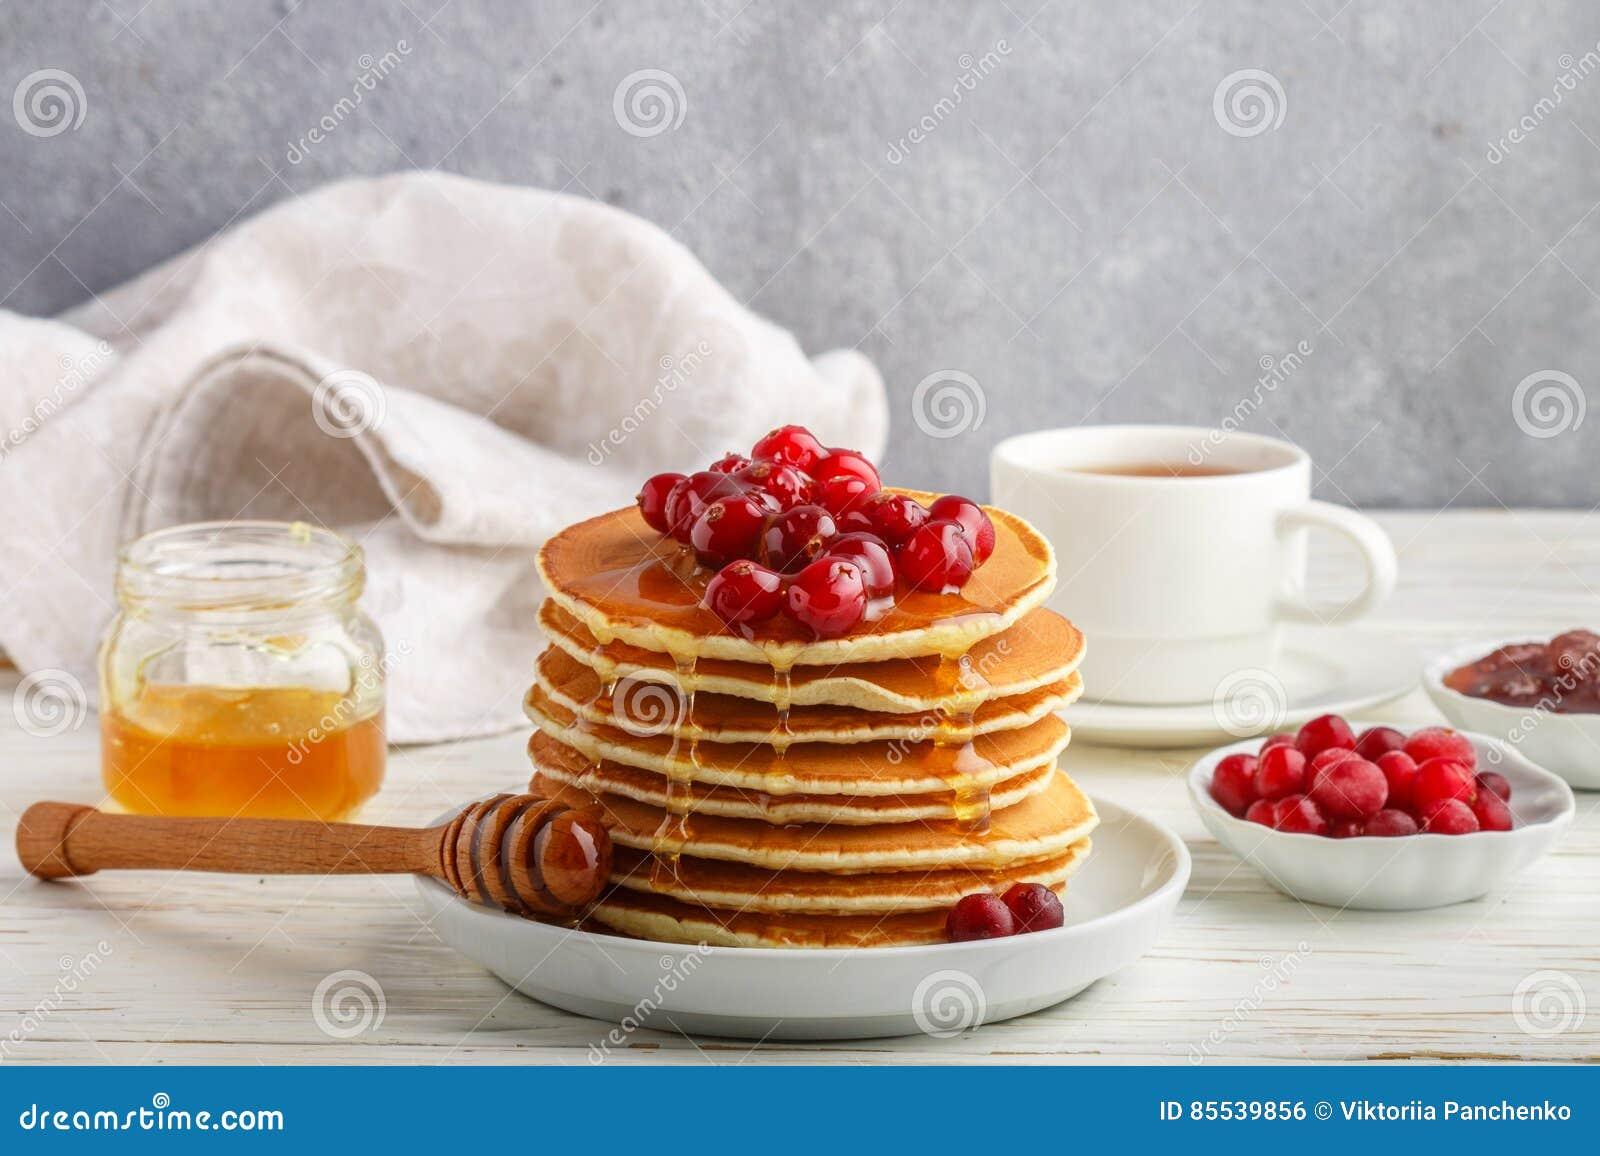 Блинчик с медом и свежими ягодами Клюква, cowberry